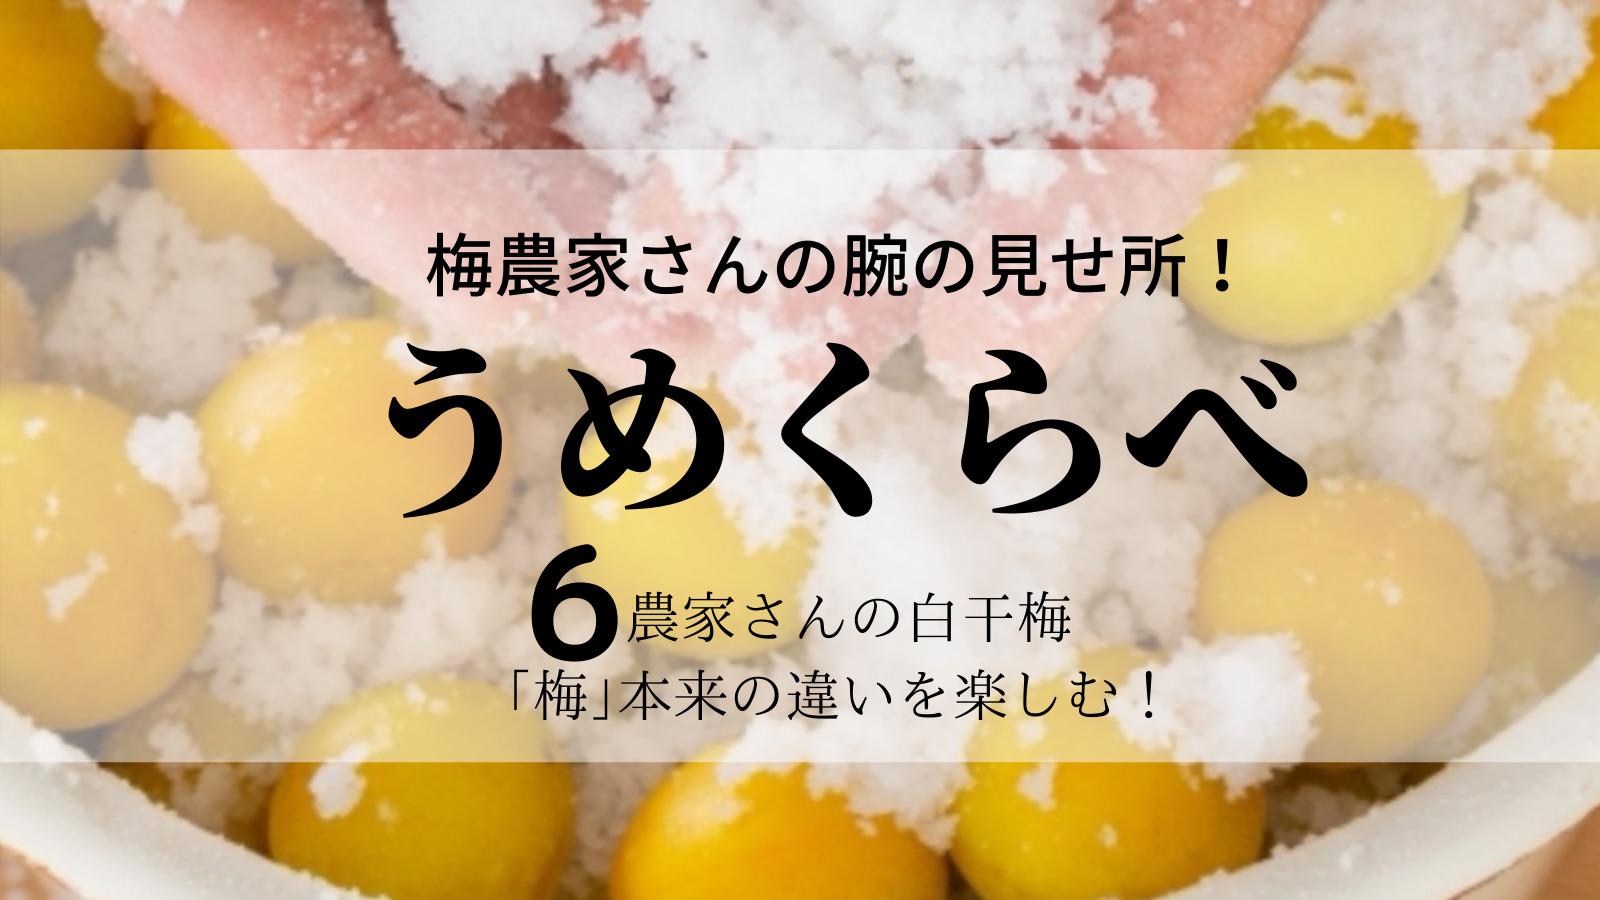 梅農家さんの腕の見せ所!「梅」本来の味、違いを楽しむ「うめくらべ」 白干梅6種類の紹介